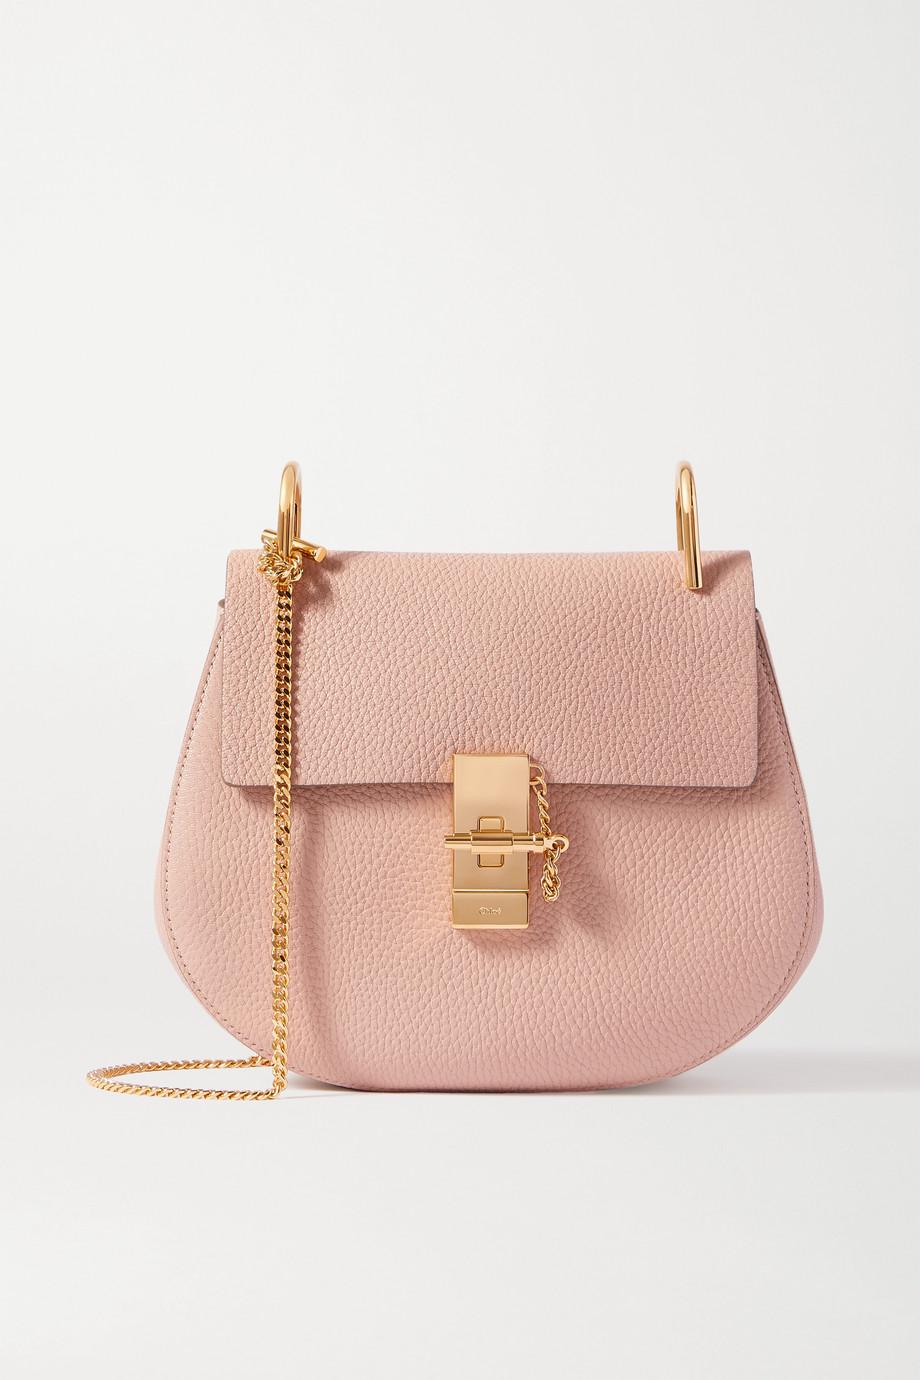 Chloé Drew textured-leather shoulder bag